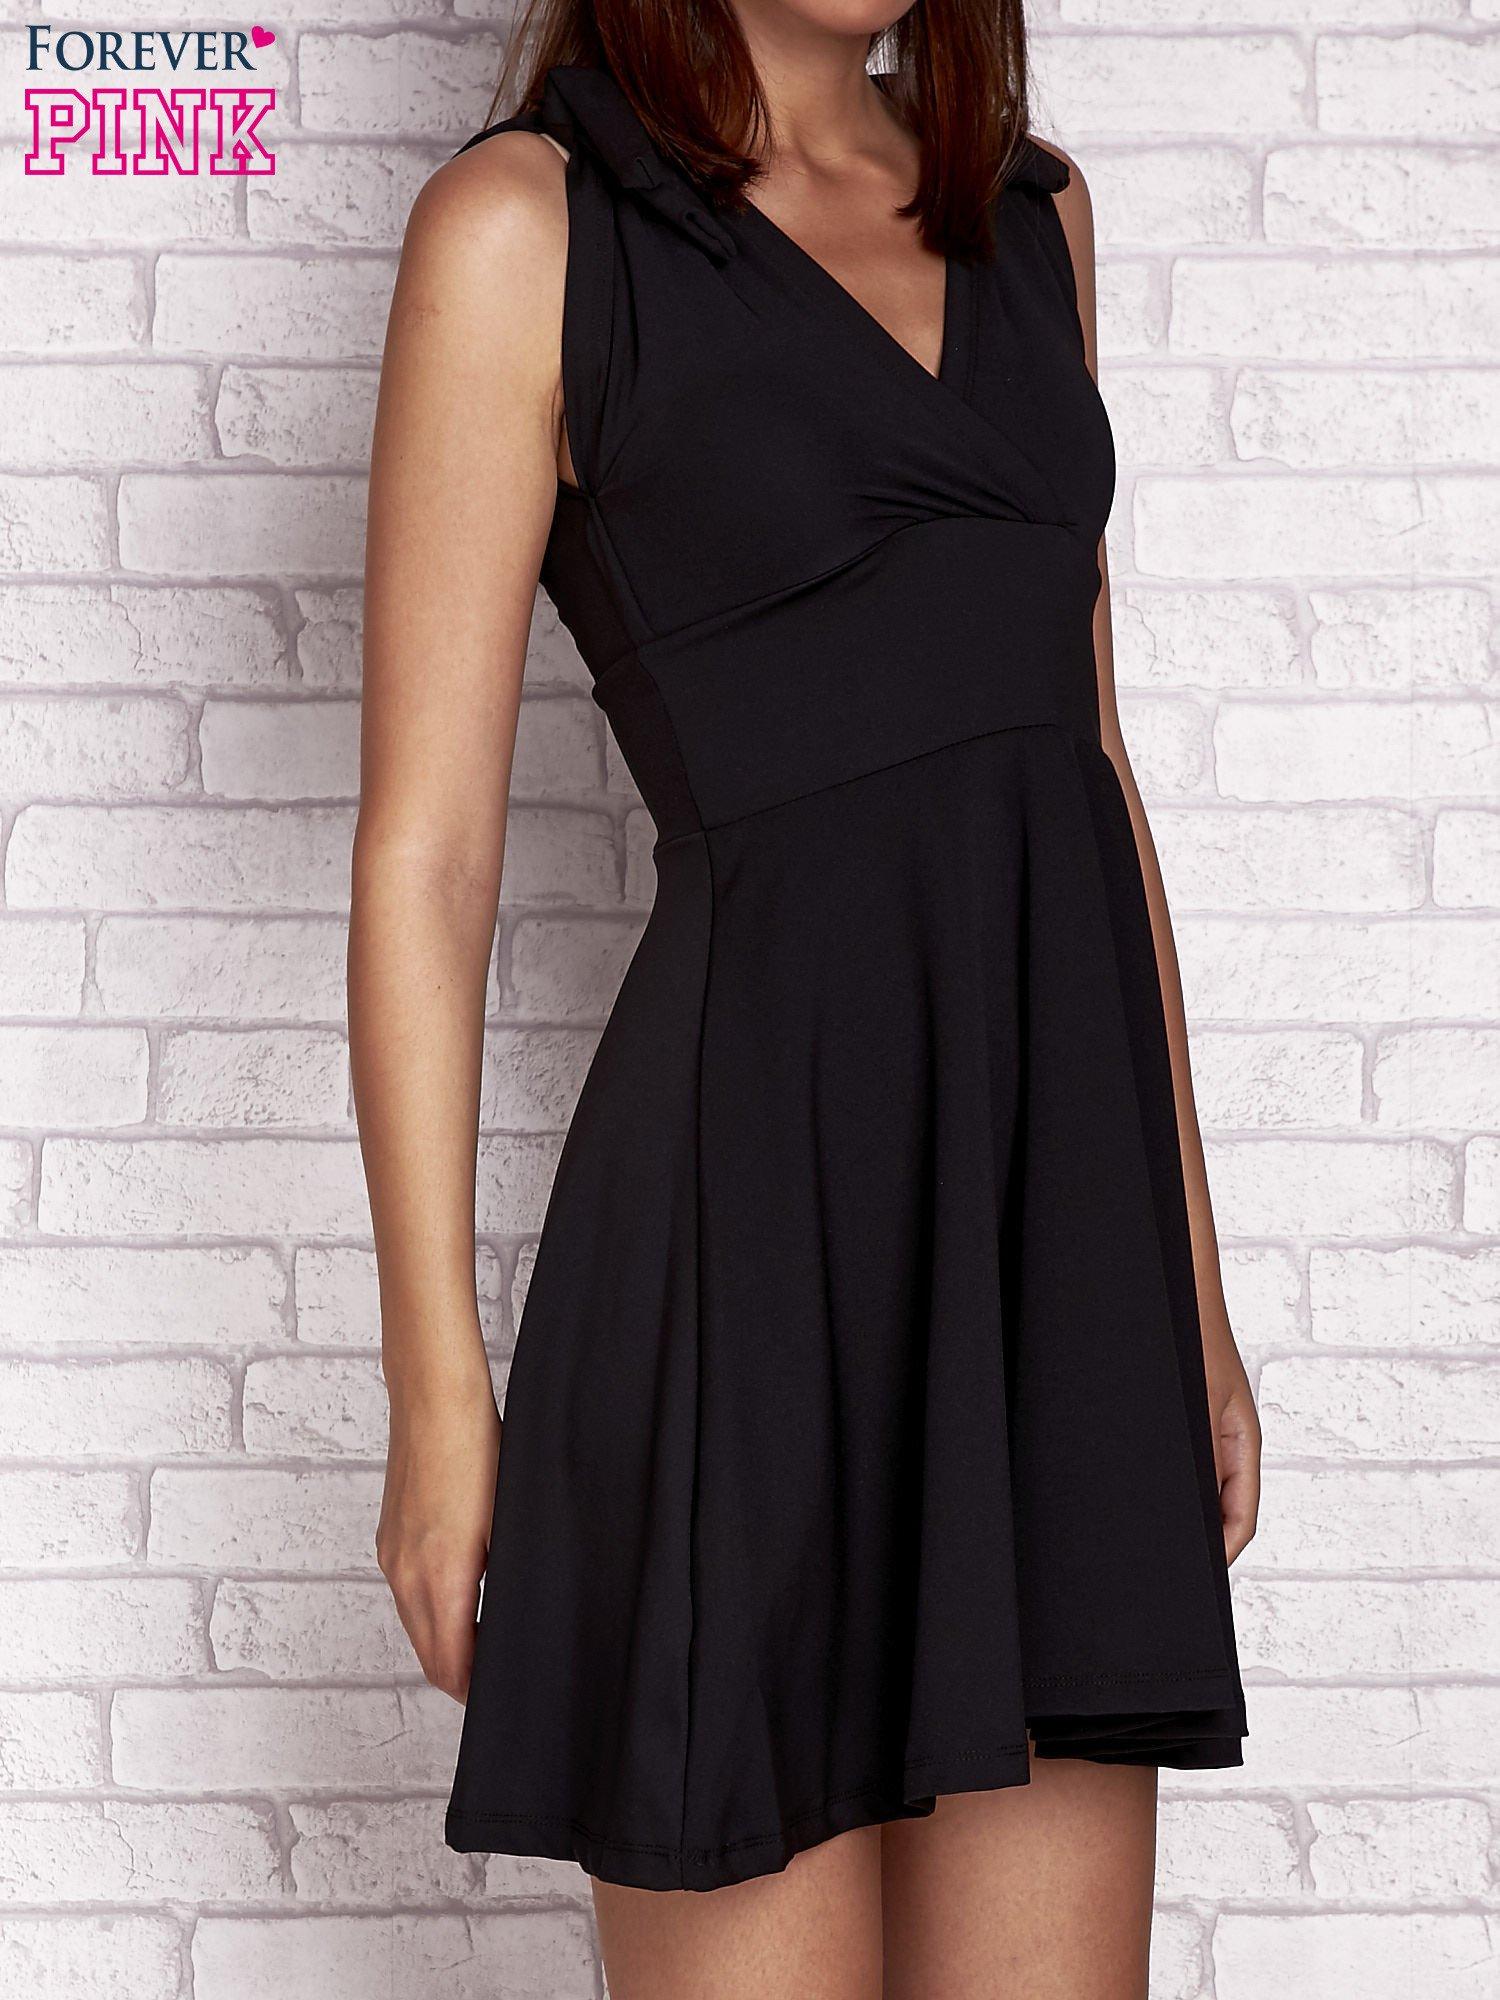 Czarna rozkloszowana sukienka z głębokim dekoltem V                                  zdj.                                  3